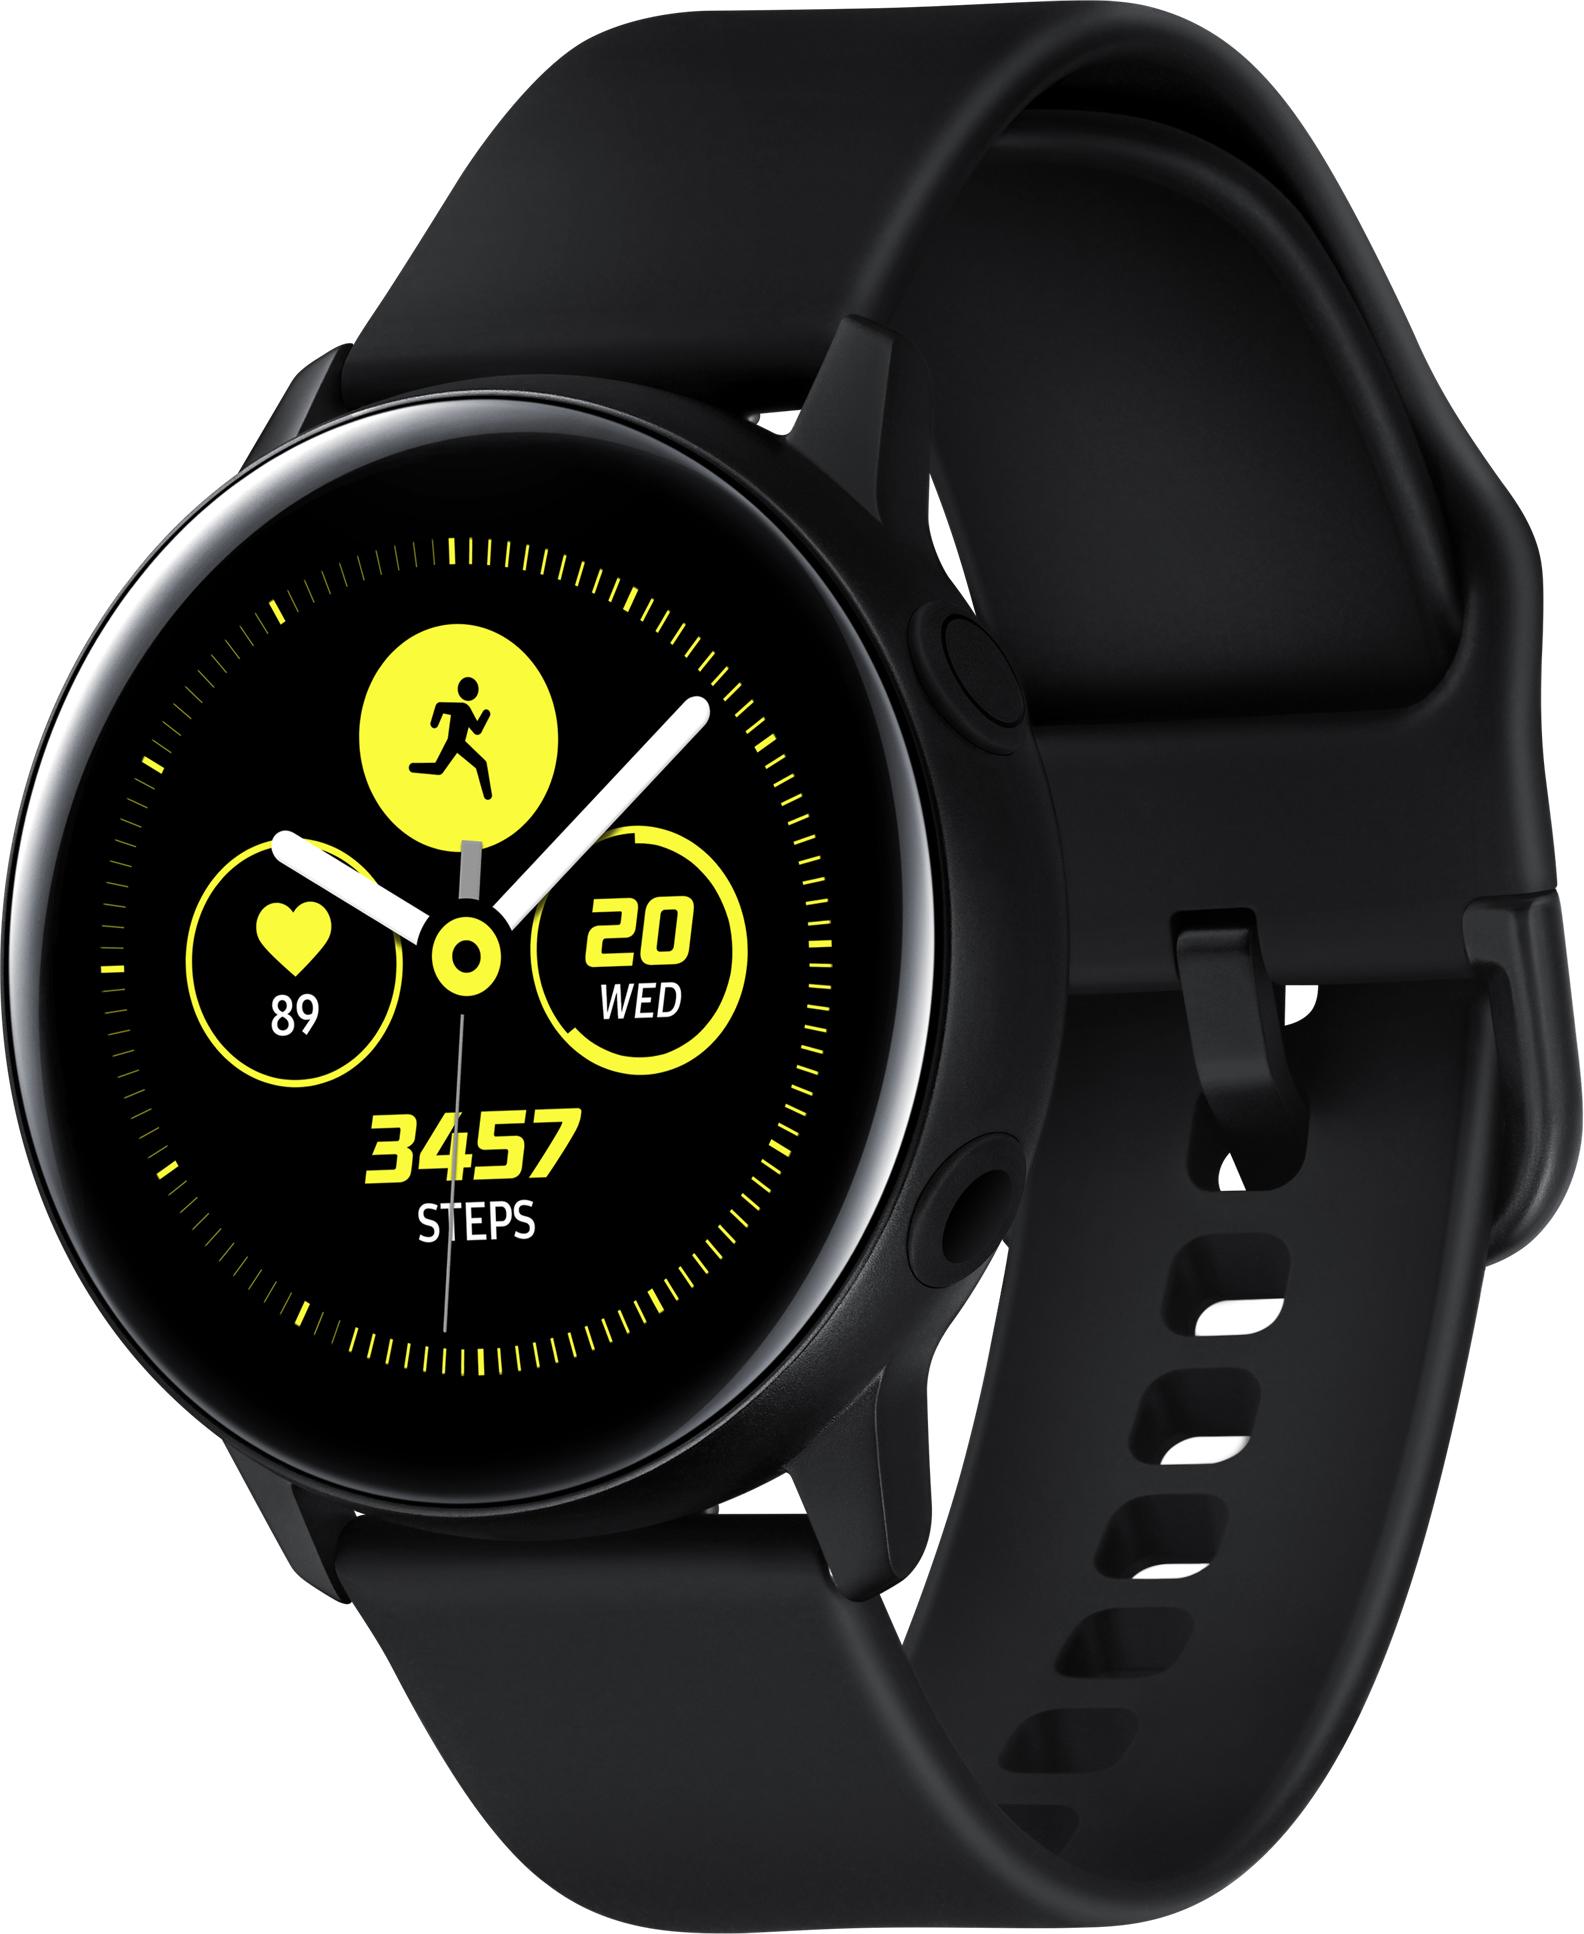 3a6837f8 Купить умные часы Samsung Galaxy Watch Active SM-R500NZKASER (Black) в  Москве в каталоге прочих умных часов с доставкой.